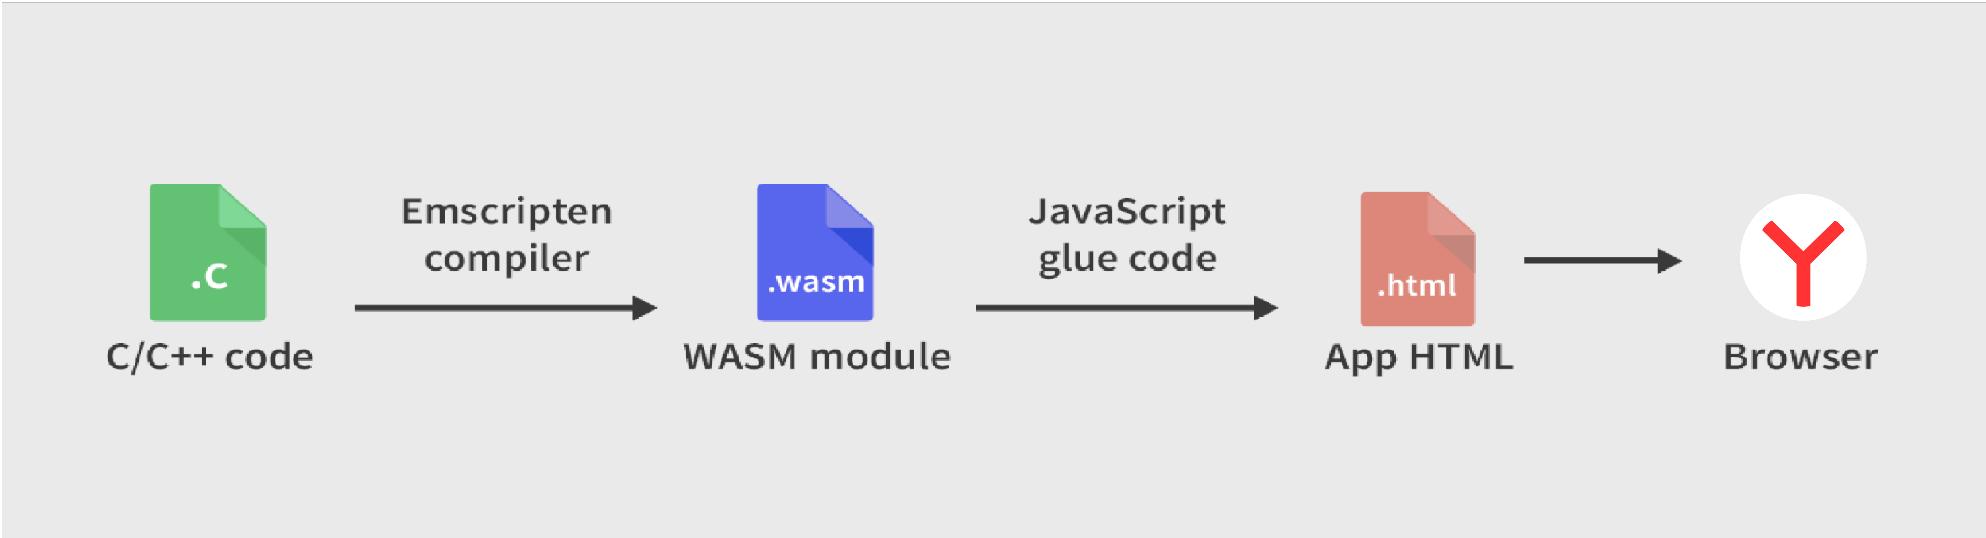 Как мы внедряли WebAssembly в Яндекс.Картах и почему оставили JavaScript - 5